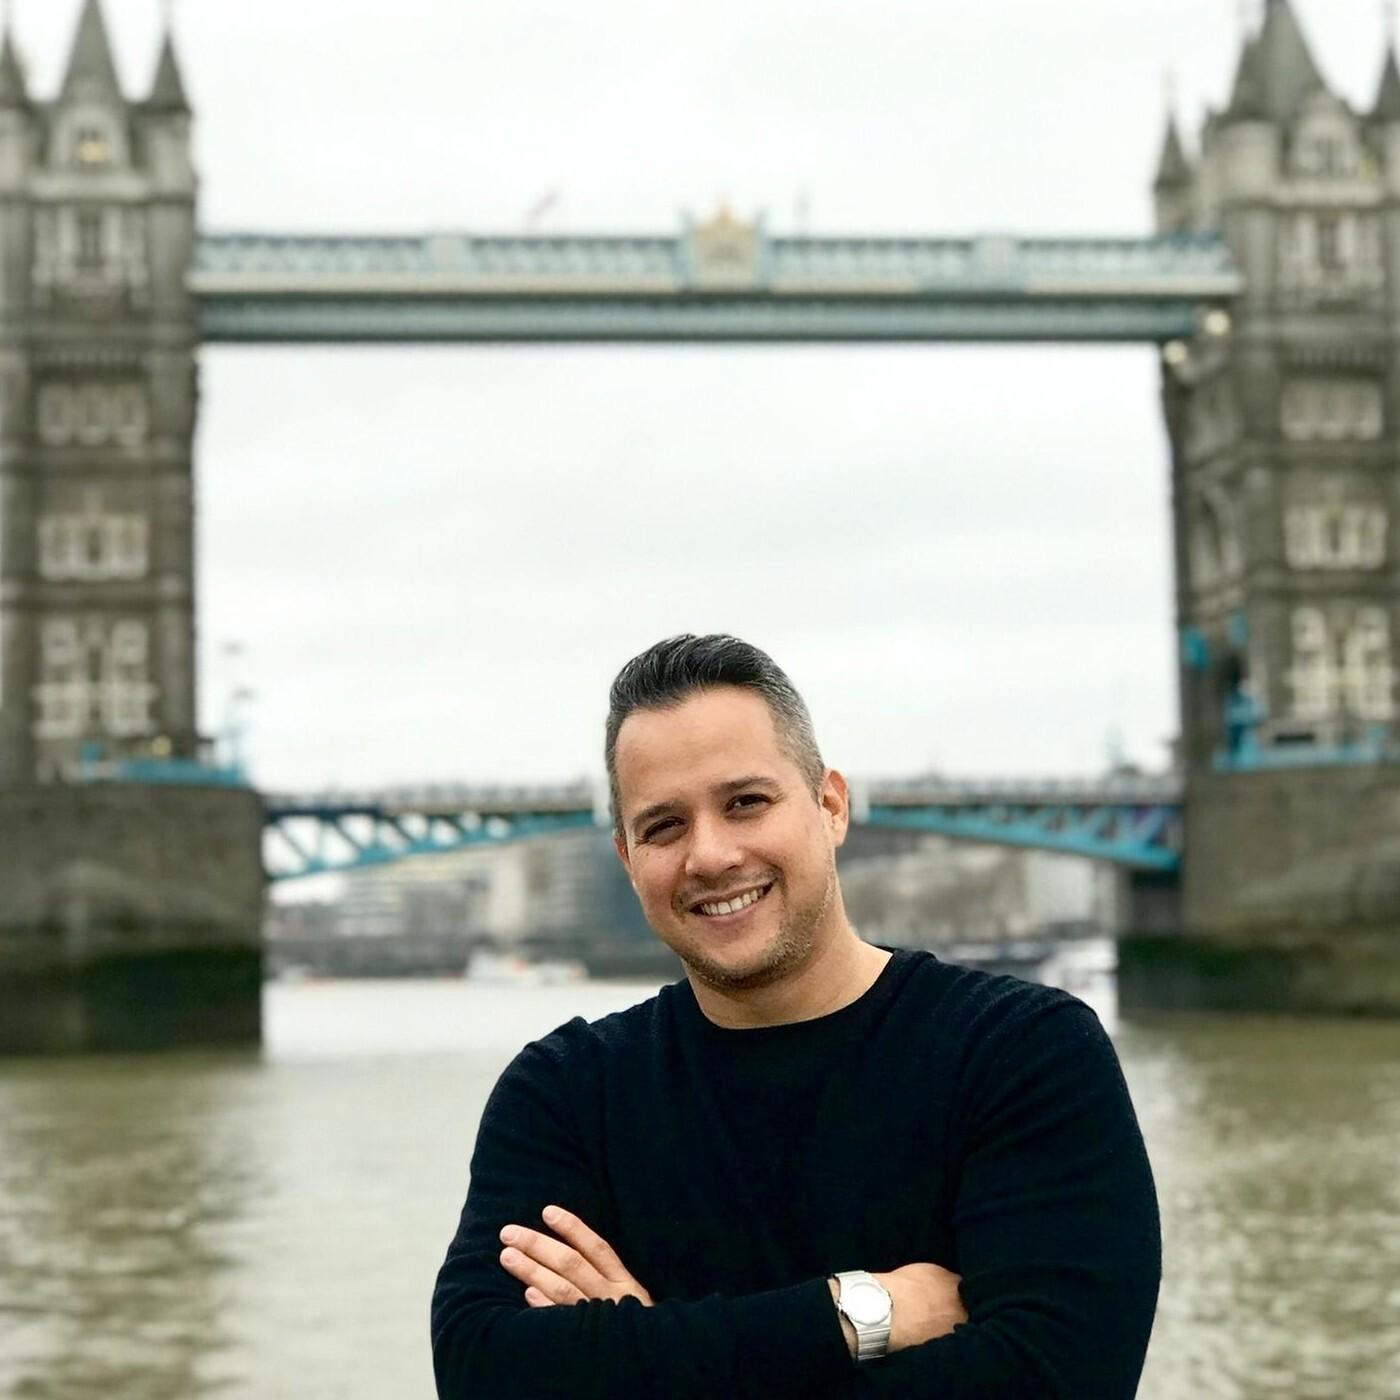 PODCAST 175: ¿Por qué algunos todavía no entienden este negocio? Una conversación con Christian Suarez desde Londres